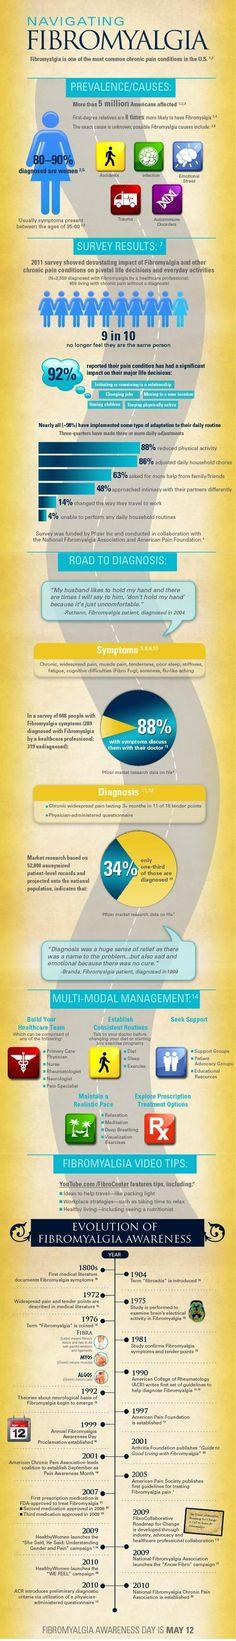 Fibromyalgia Infographic